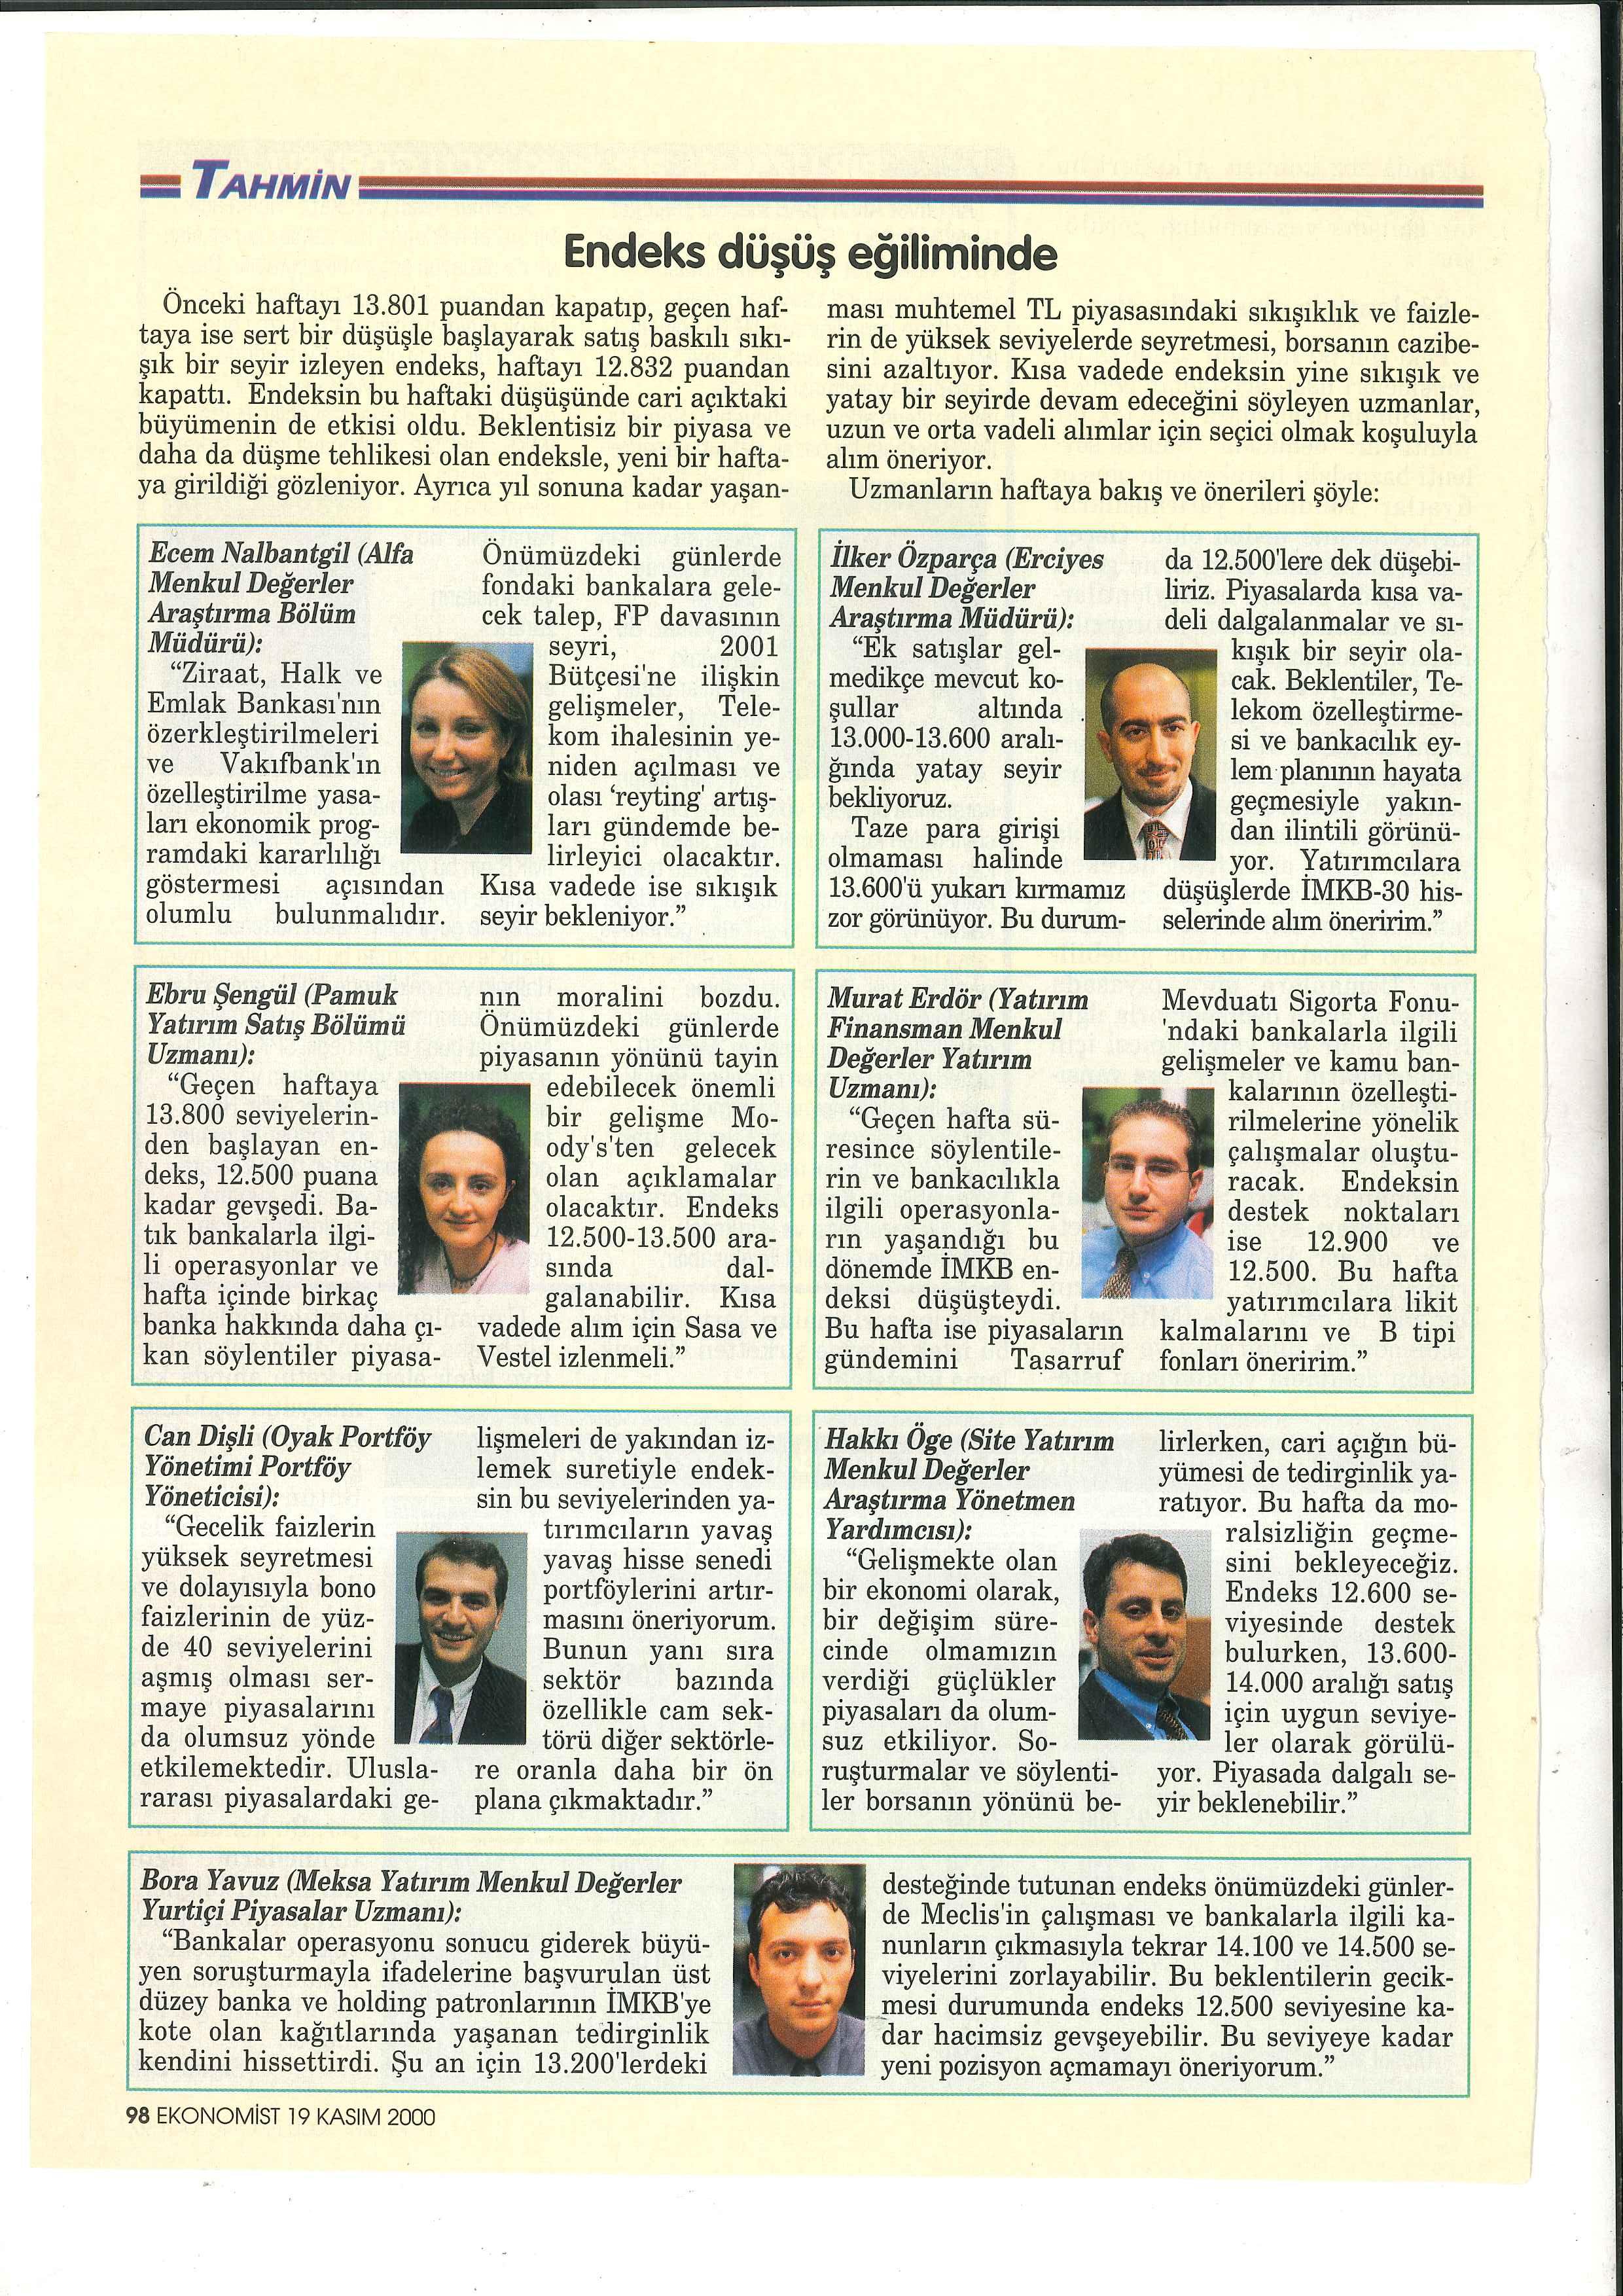 87 - Ekonomist Dergisi_muraterdor.com_19.11.2000